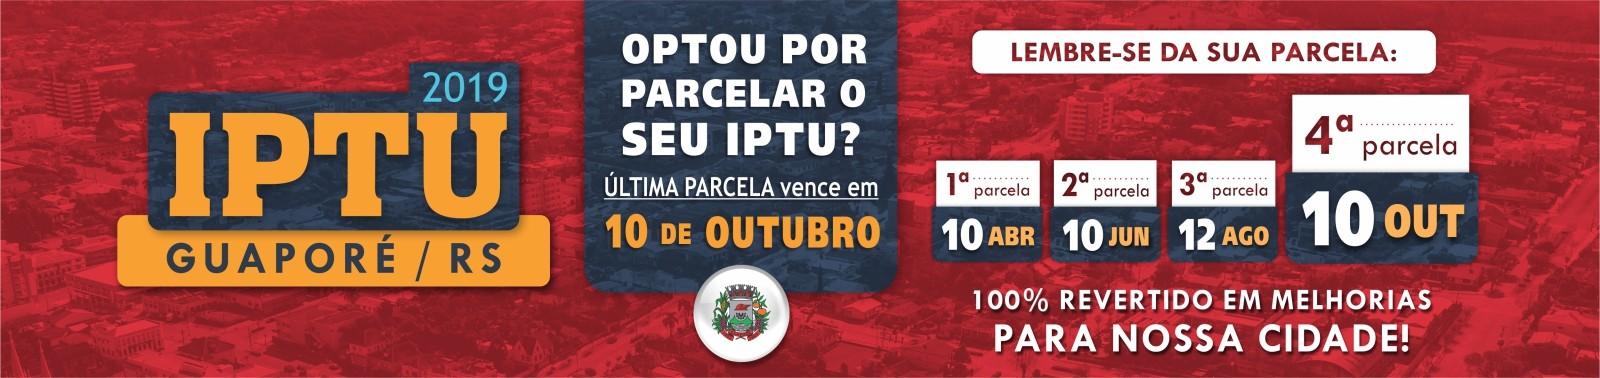 Banner 1 - IPTU 2019 - 4